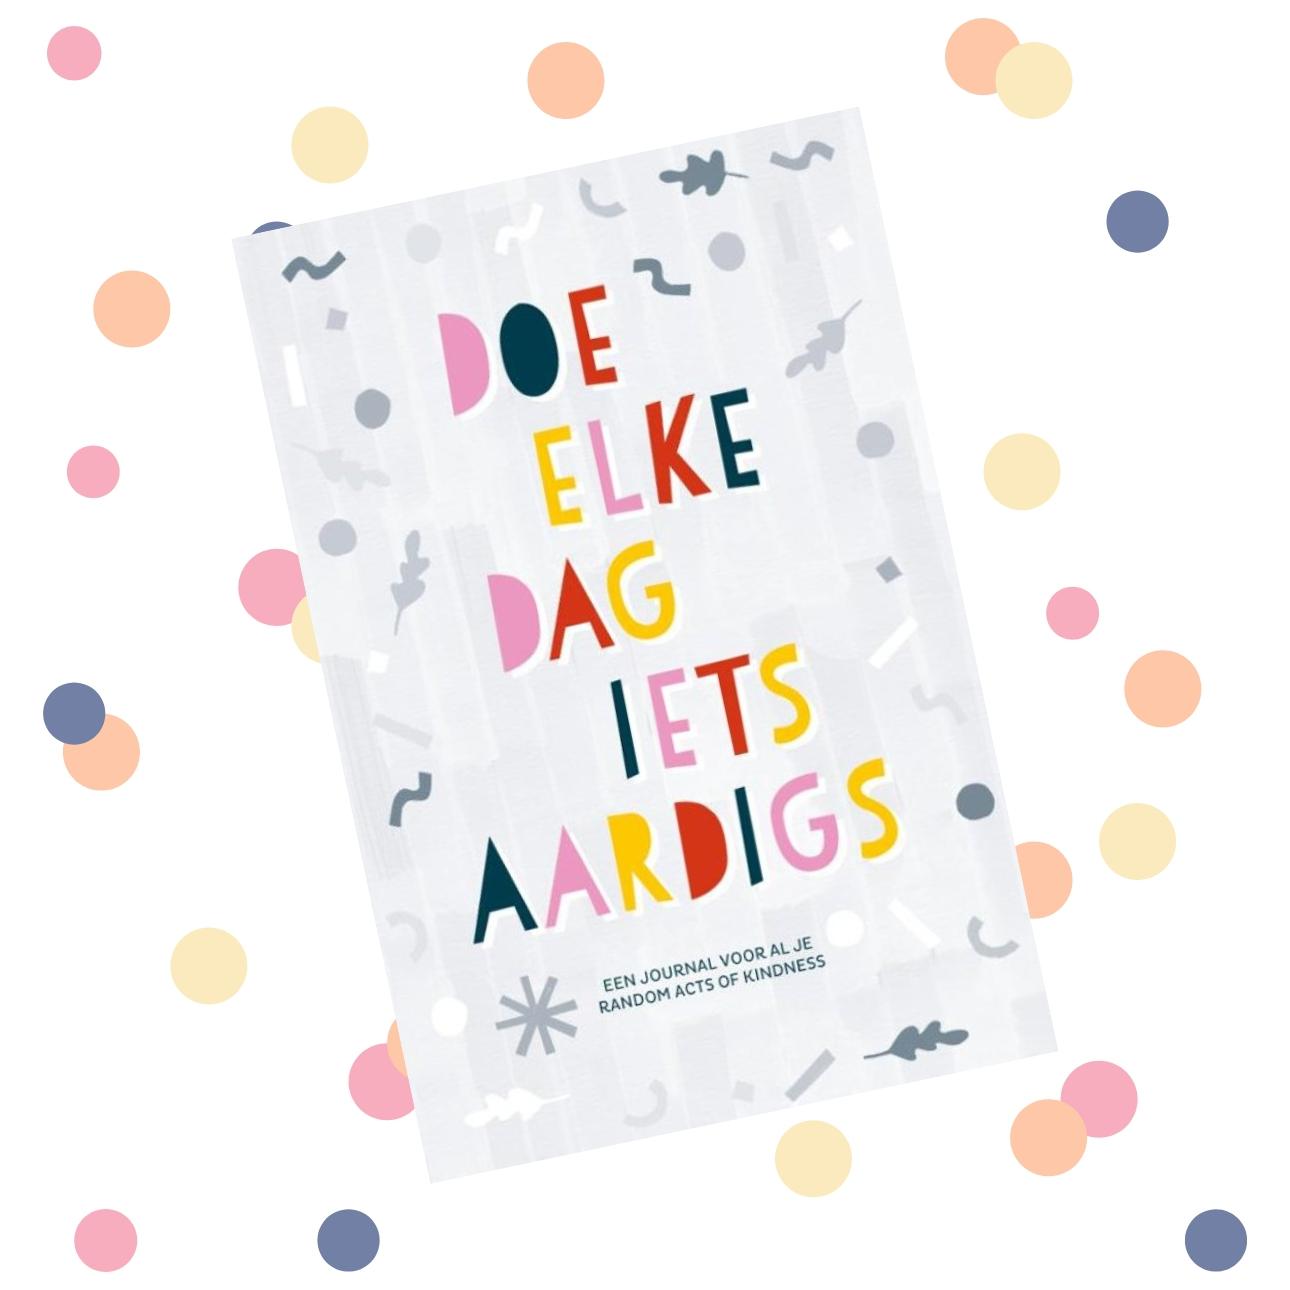 random acts of kindness dagboeken - doe elke dag iets aardigs